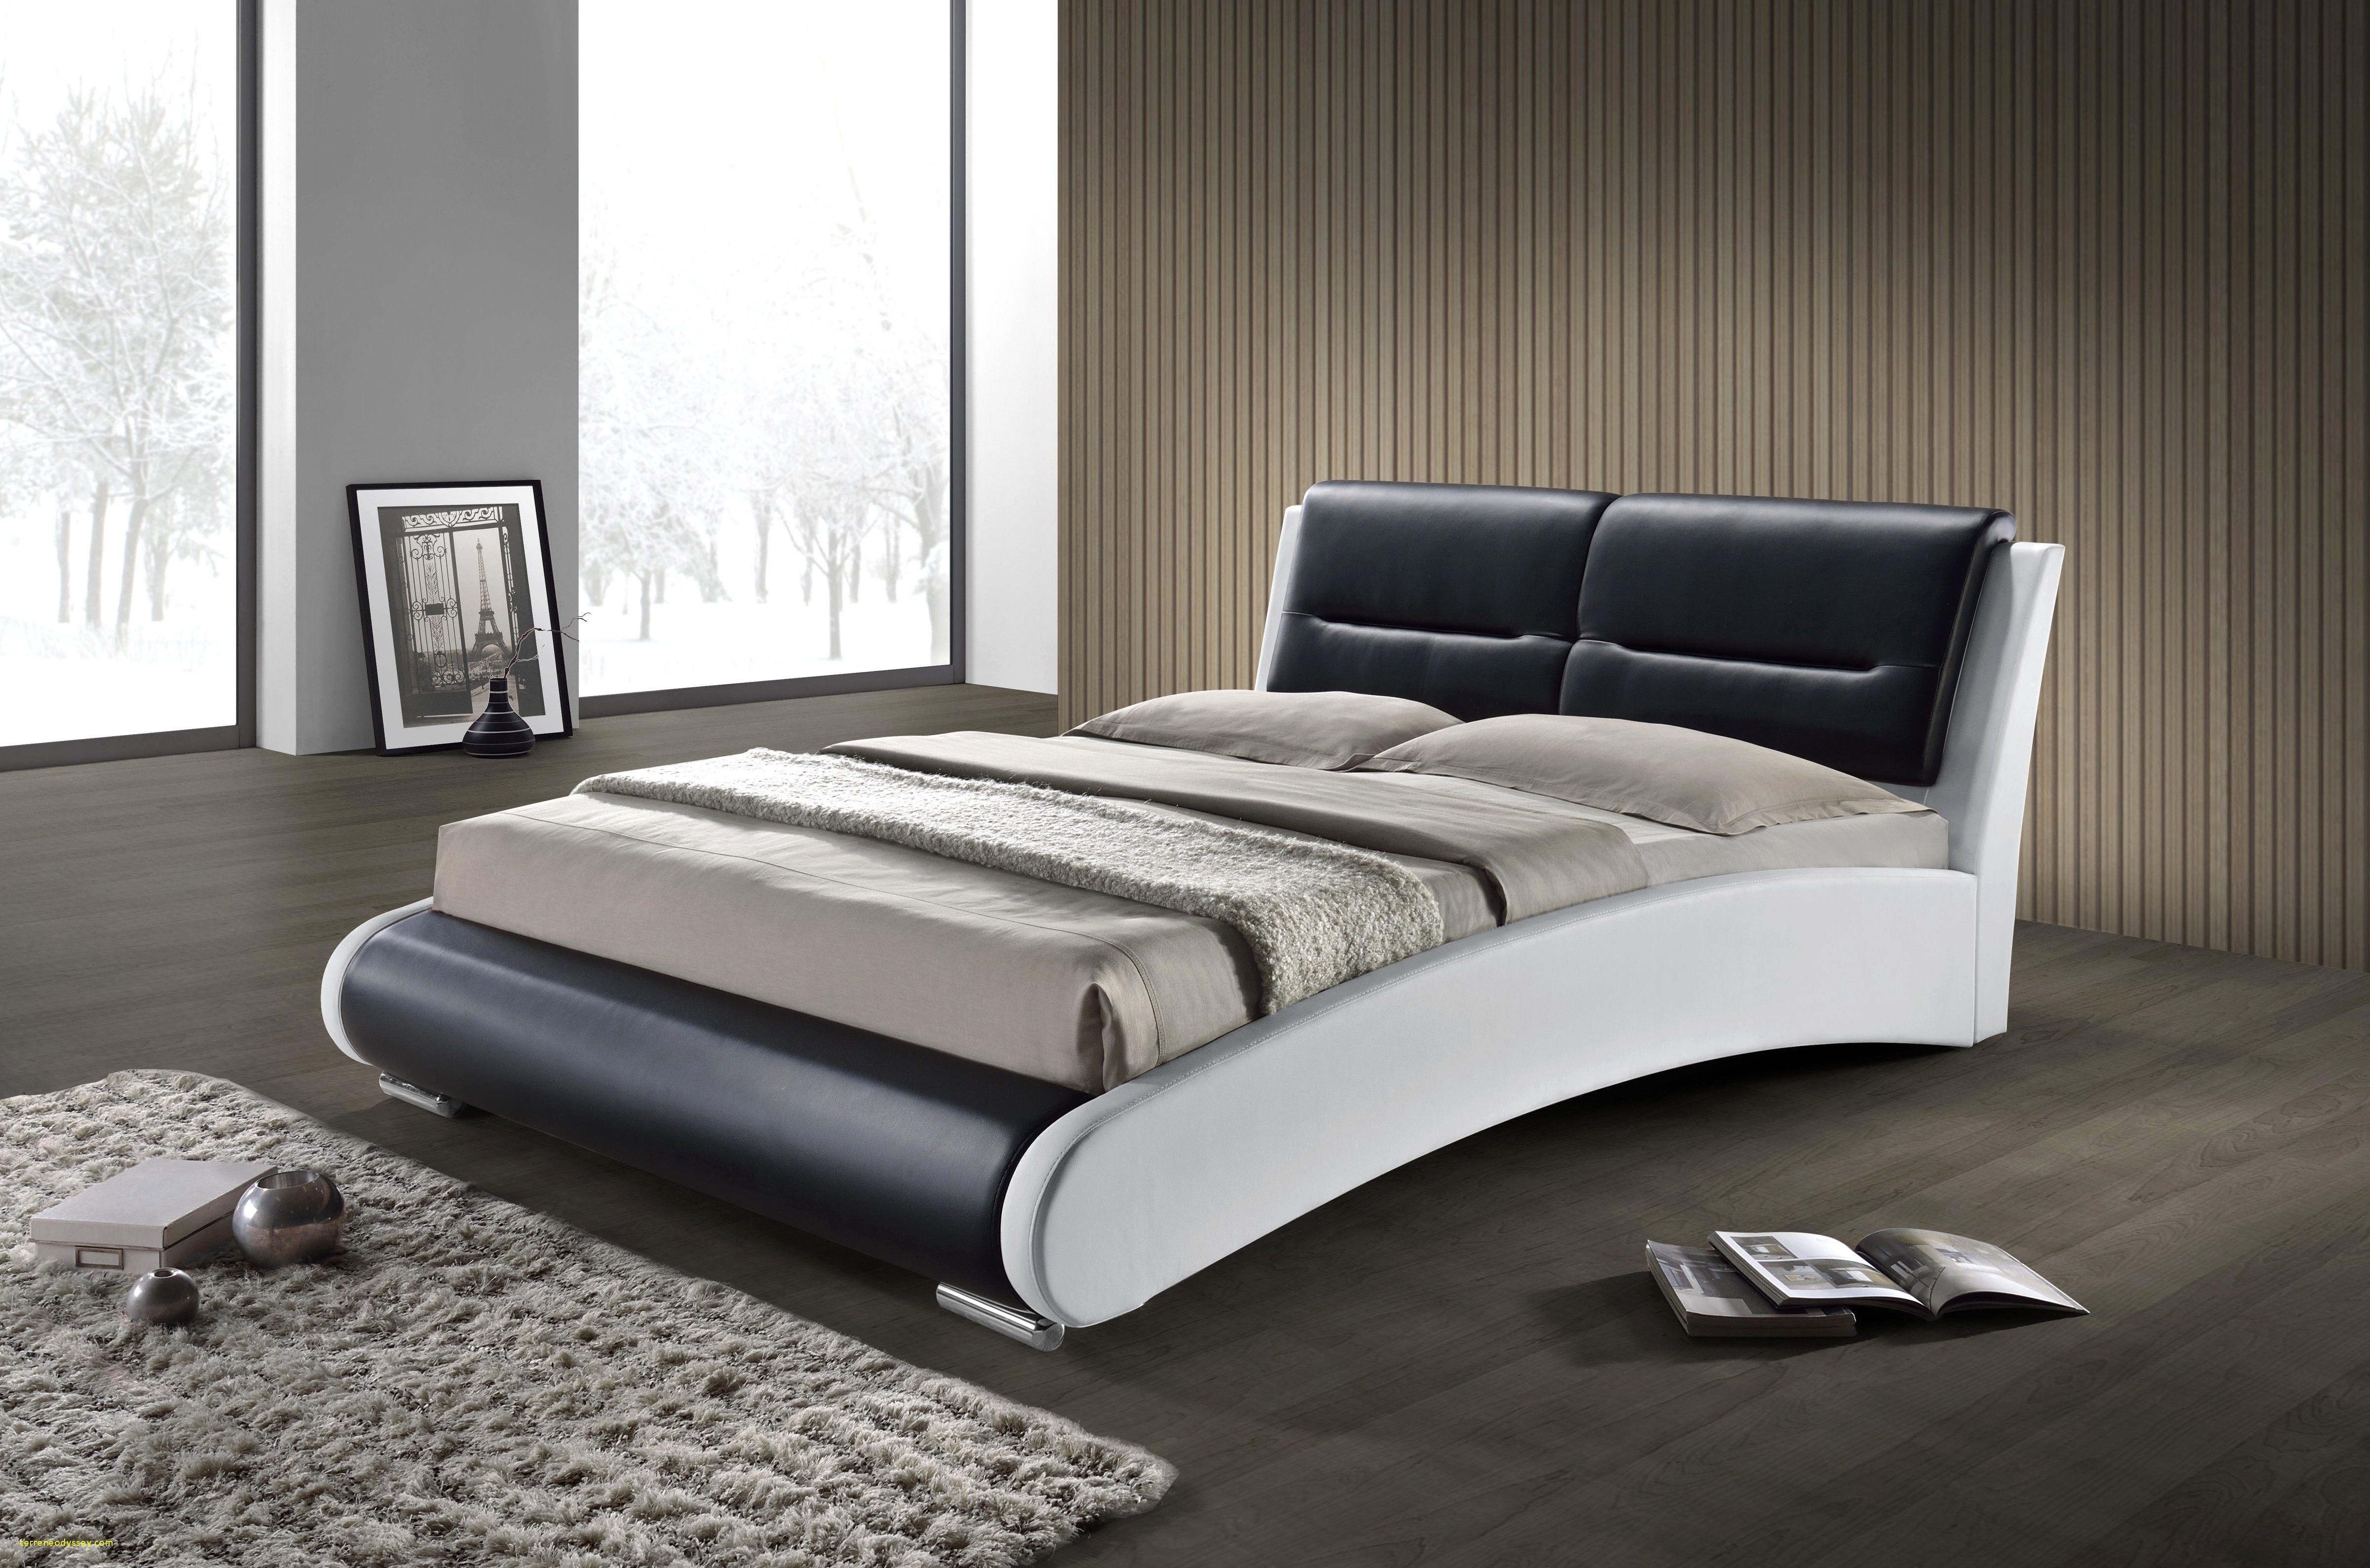 Lits Superposés Avec Rangement Élégant Frais Canapé Avec Biblioth¨que Intégrée – Intérieure Design Maison